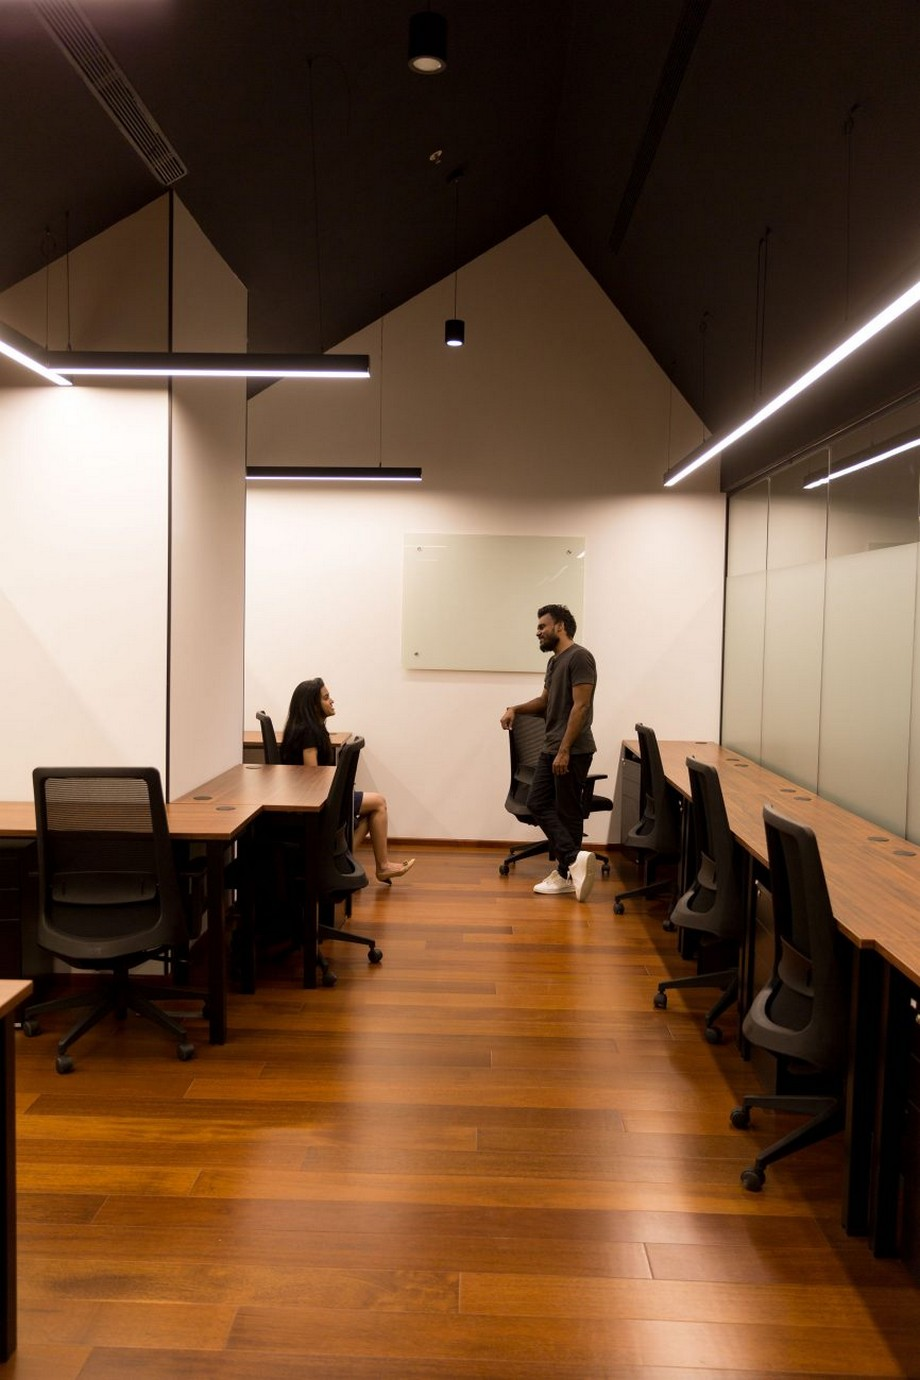 Thiết kế coworking space mang nét văn hóa dân tộc